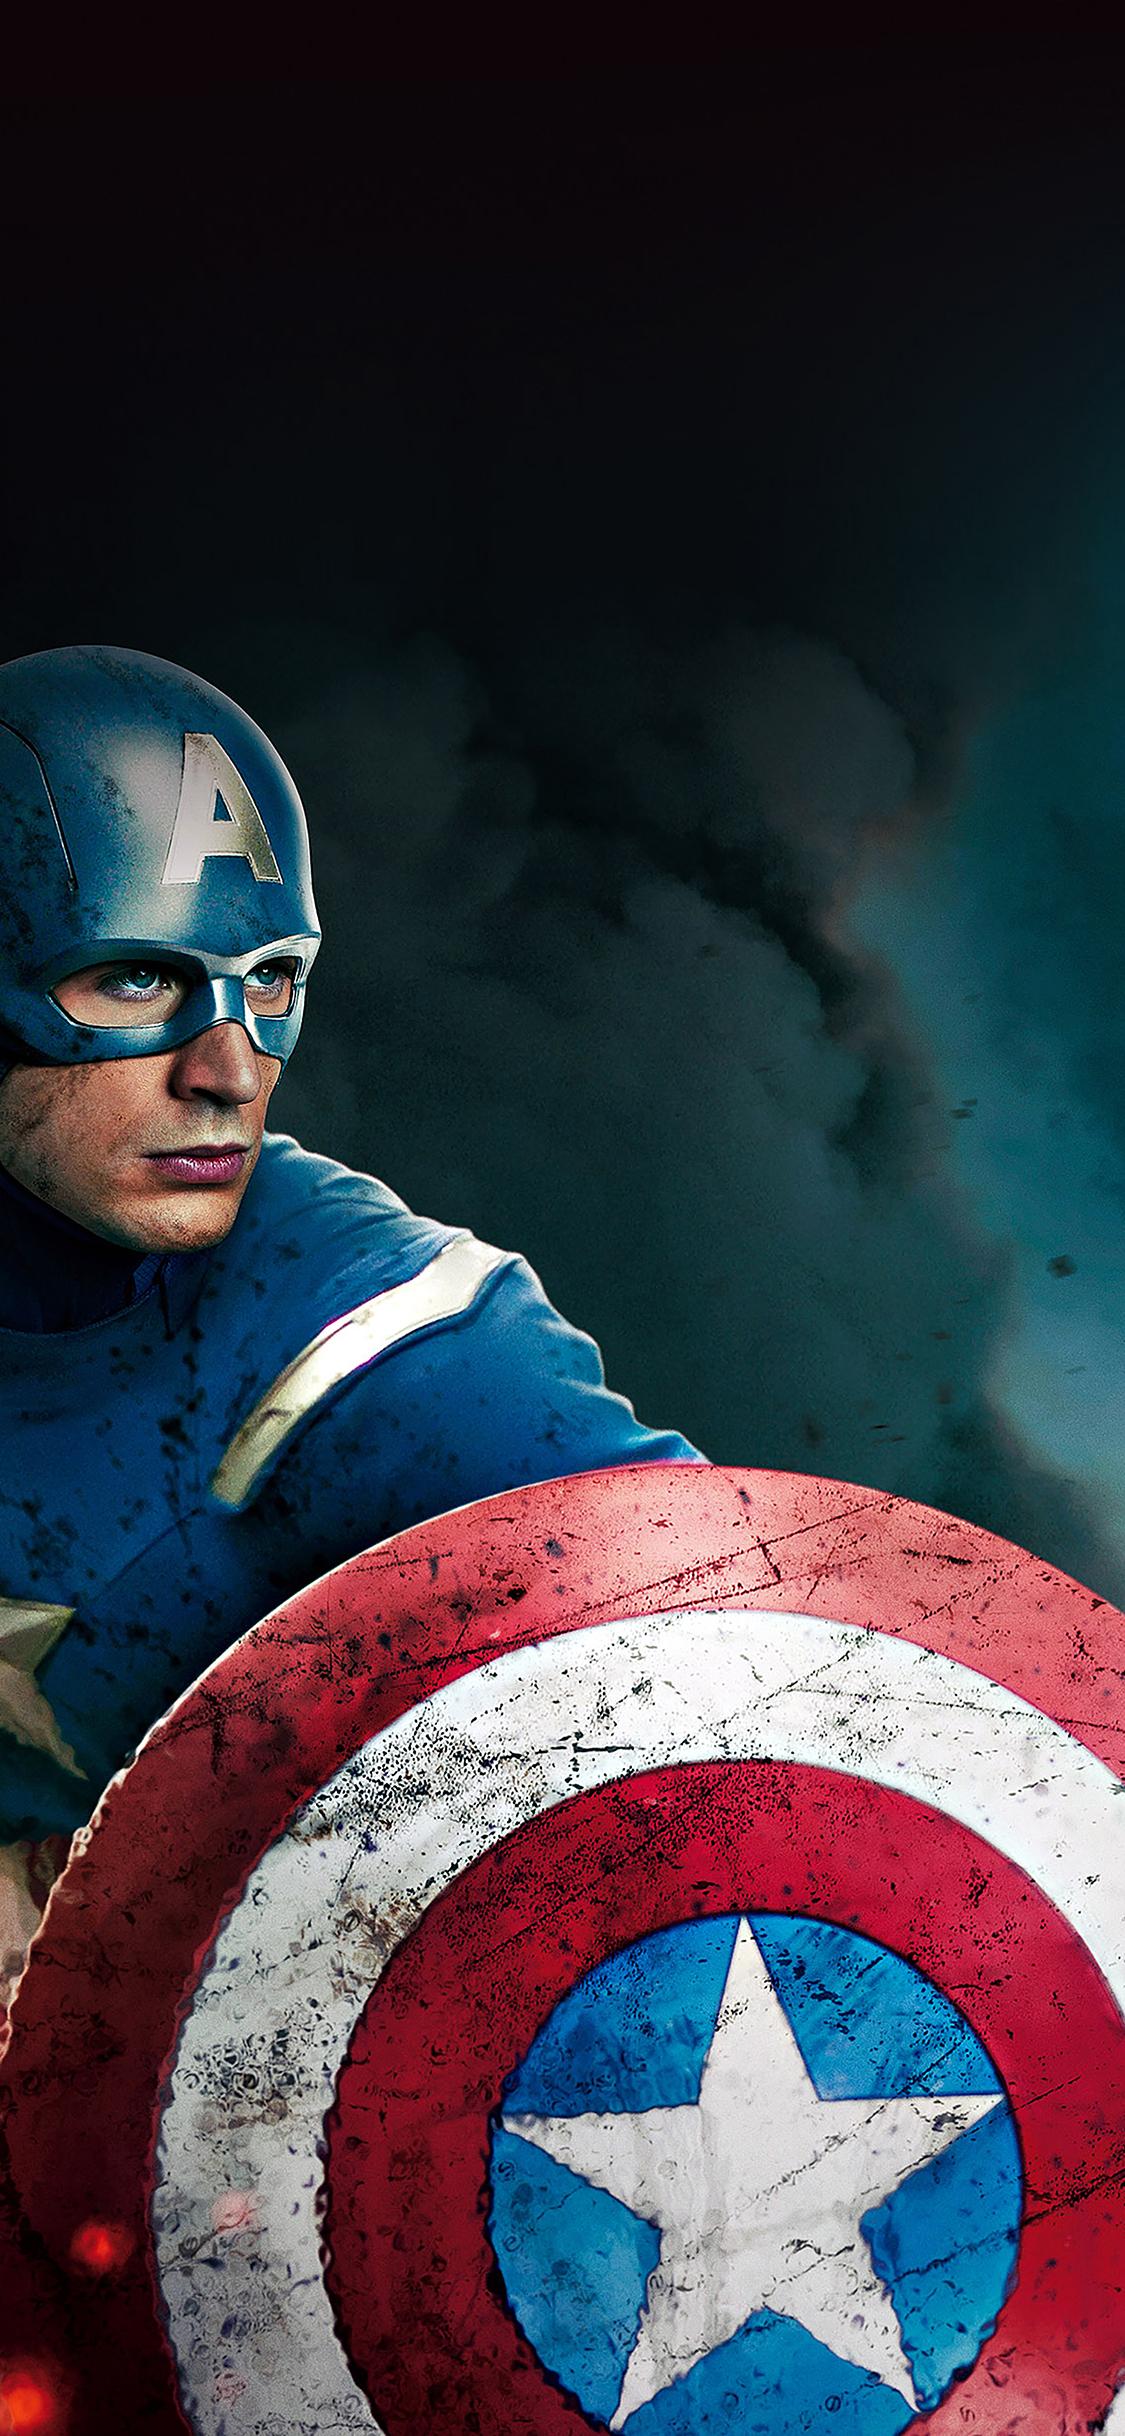 Iphonexpapers Ab21 Wallpaper Captain America Avengers Illust Film